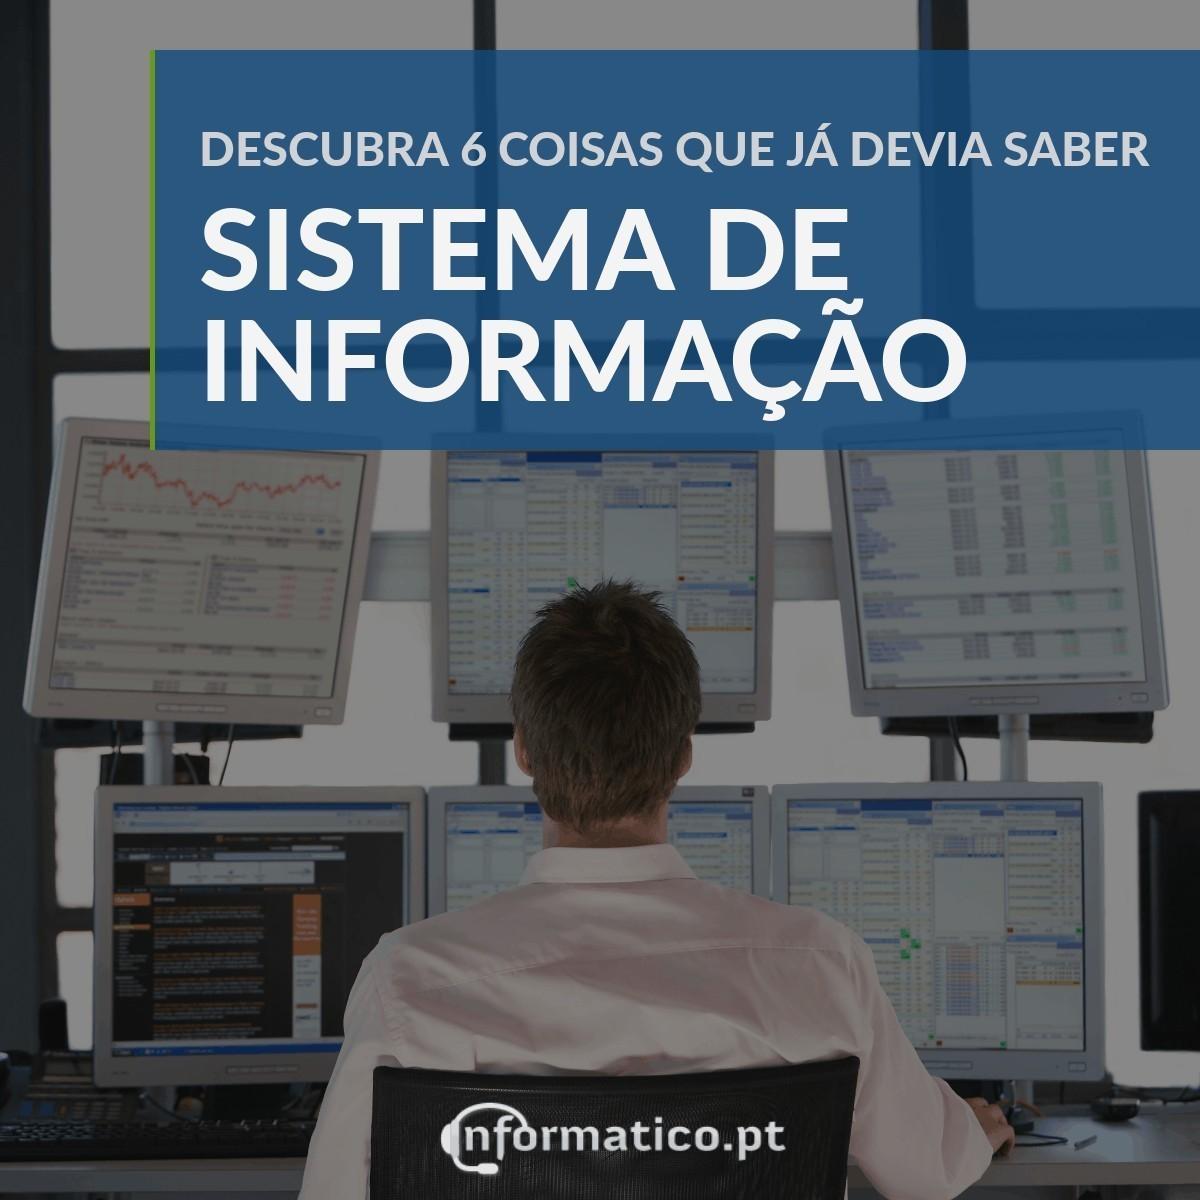 Sistema de informação - 6 coisas que já devia saber